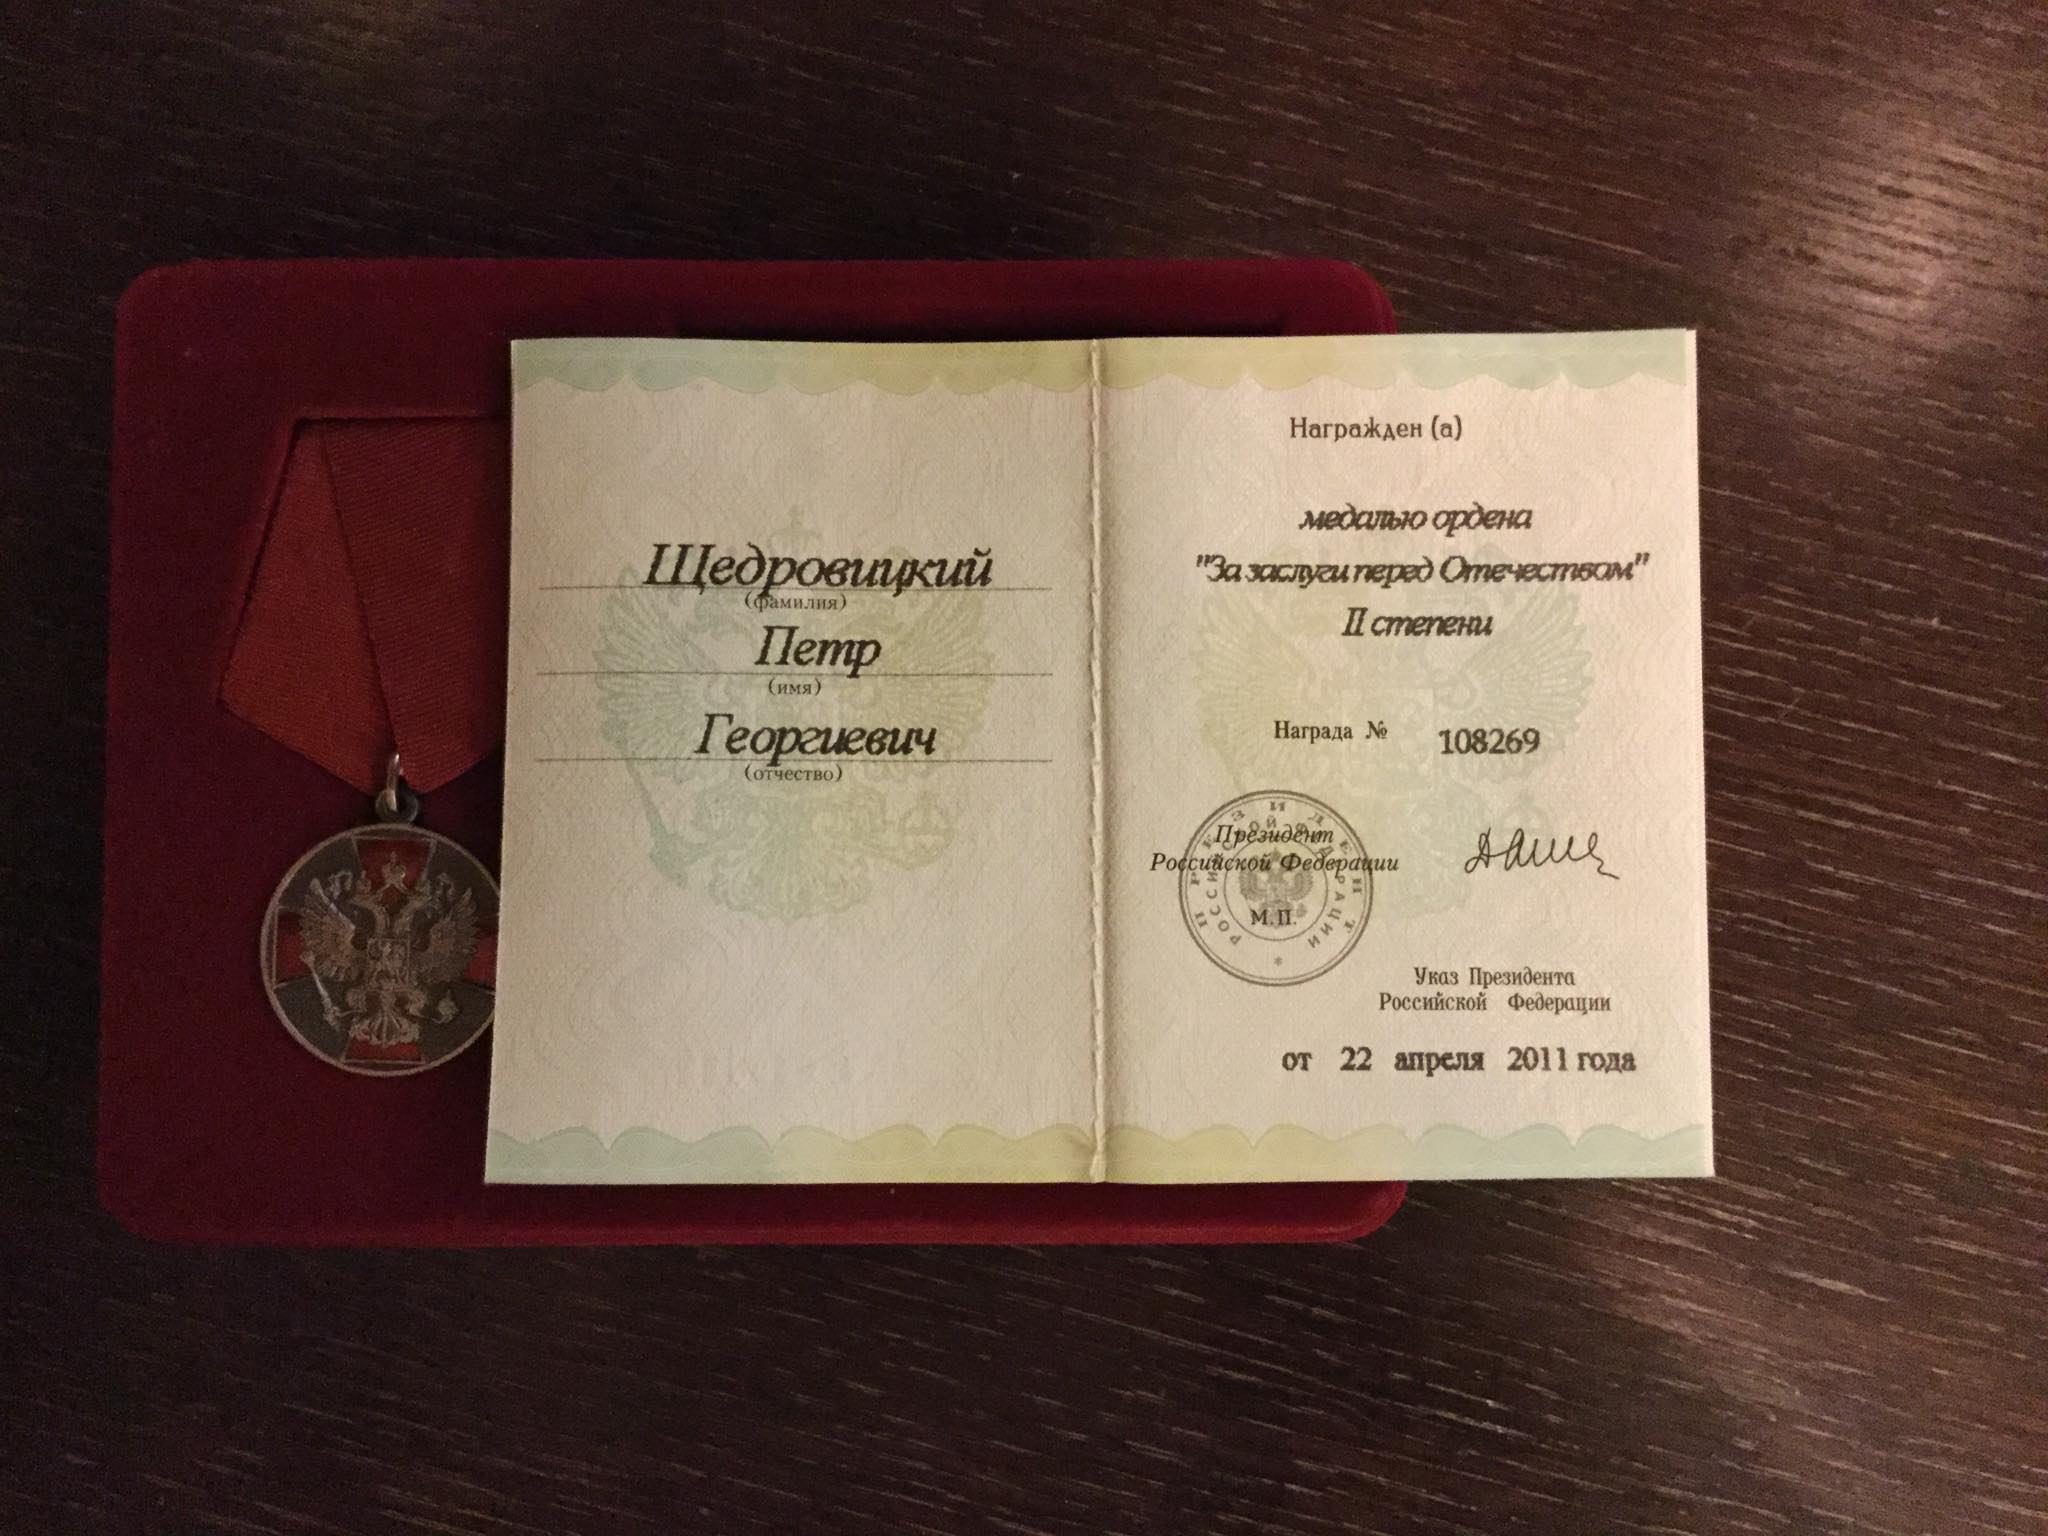 Медаль выдана Петру Щедровицкому